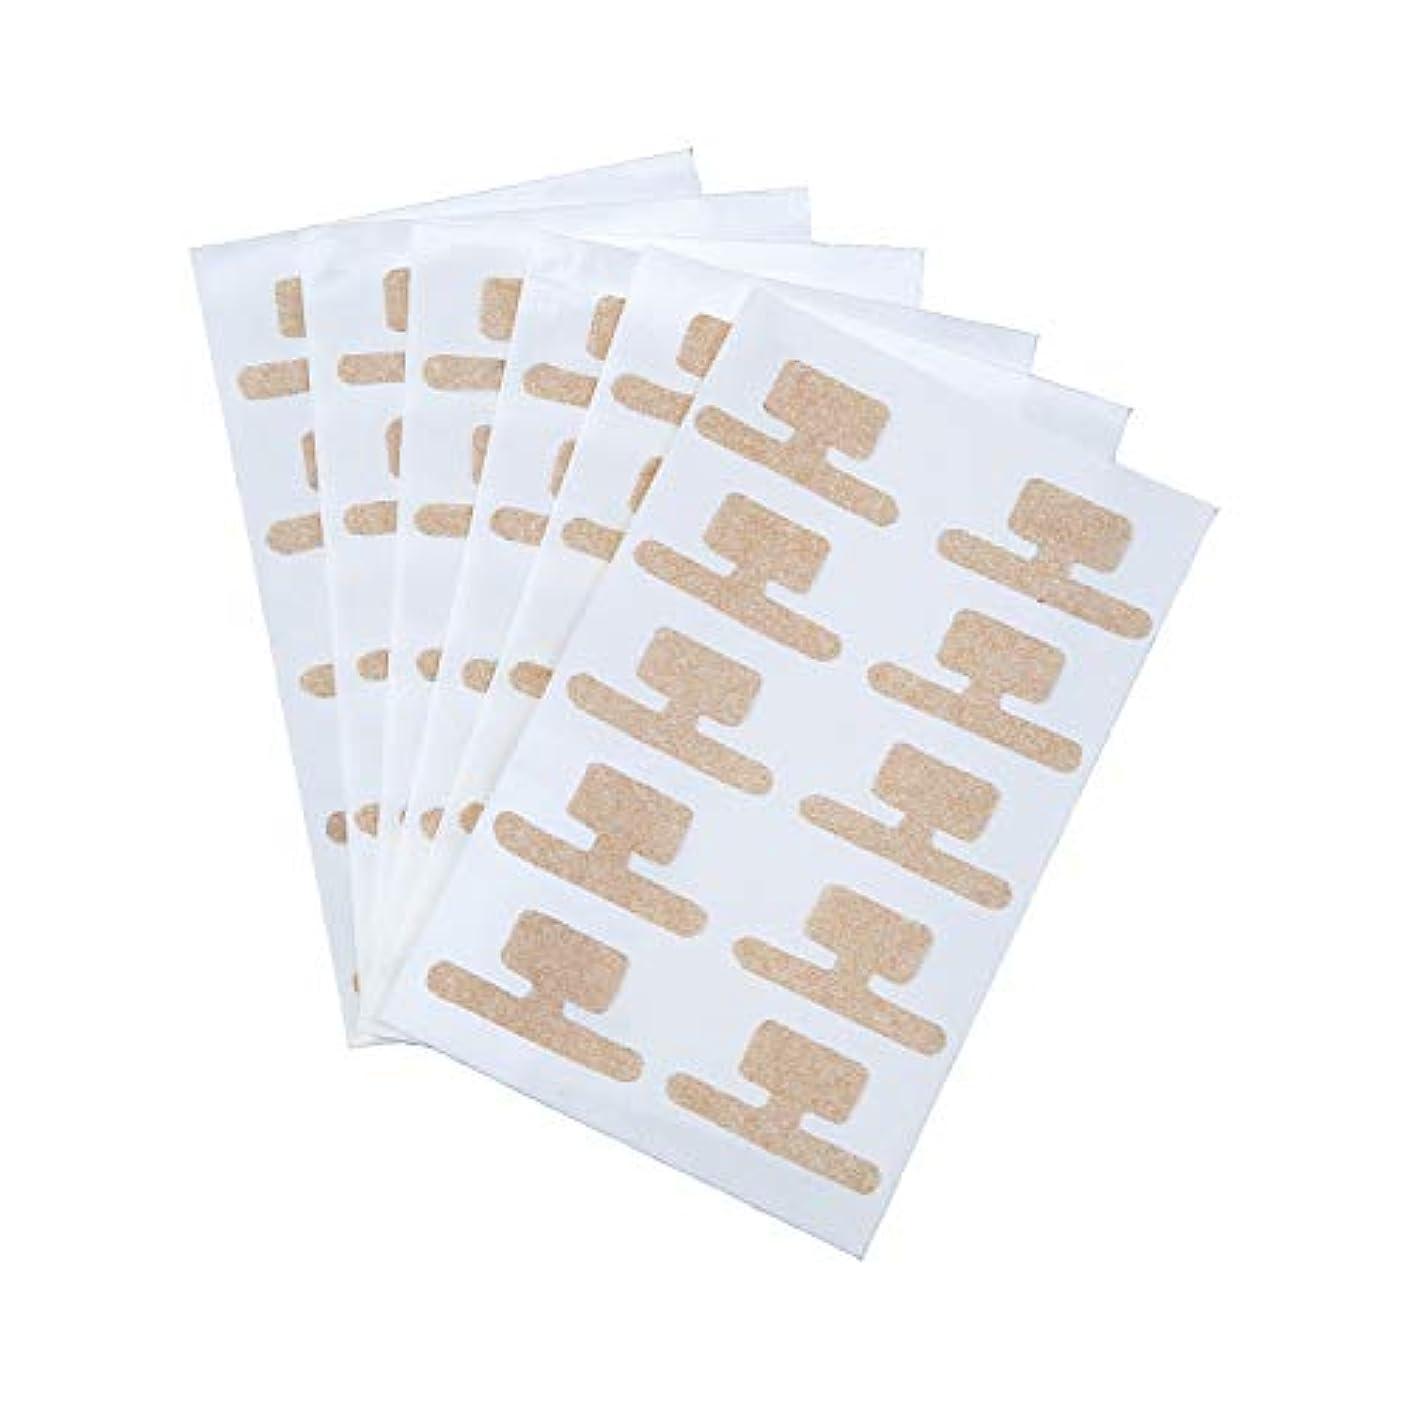 しないでください知性つかまえる巻き爪ダブルケアテープ 60枚入 持ち上げ シール 食い込み 痛み サポート 貼るだけ 足 フットケア